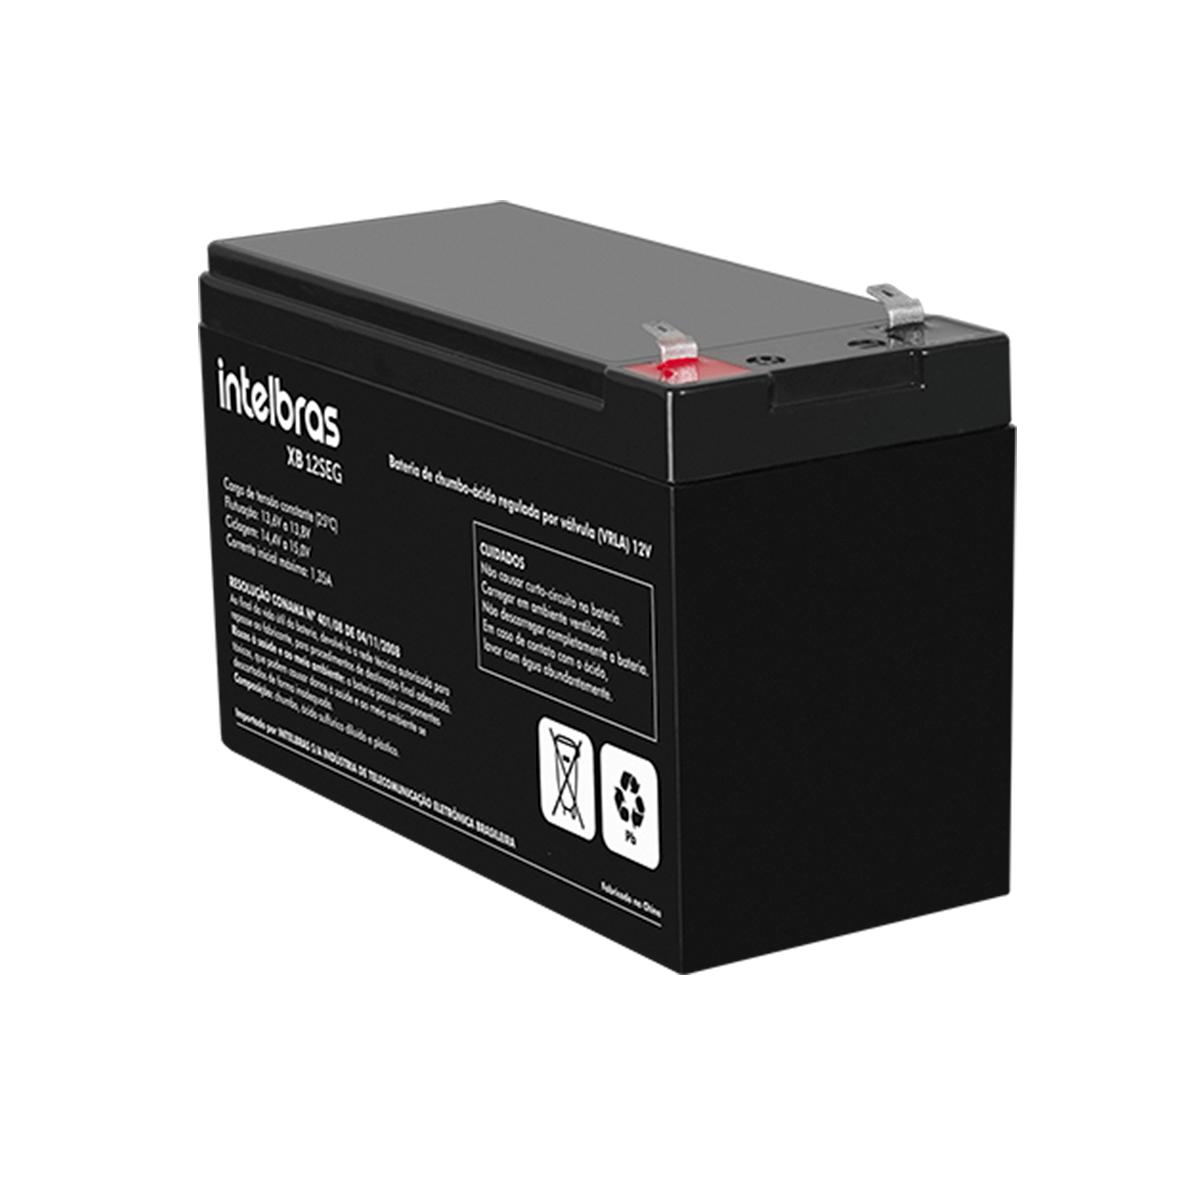 Bateria para Segurança Eletrônica de chumbo-ácido 12 V XB 12SEG Intelbras